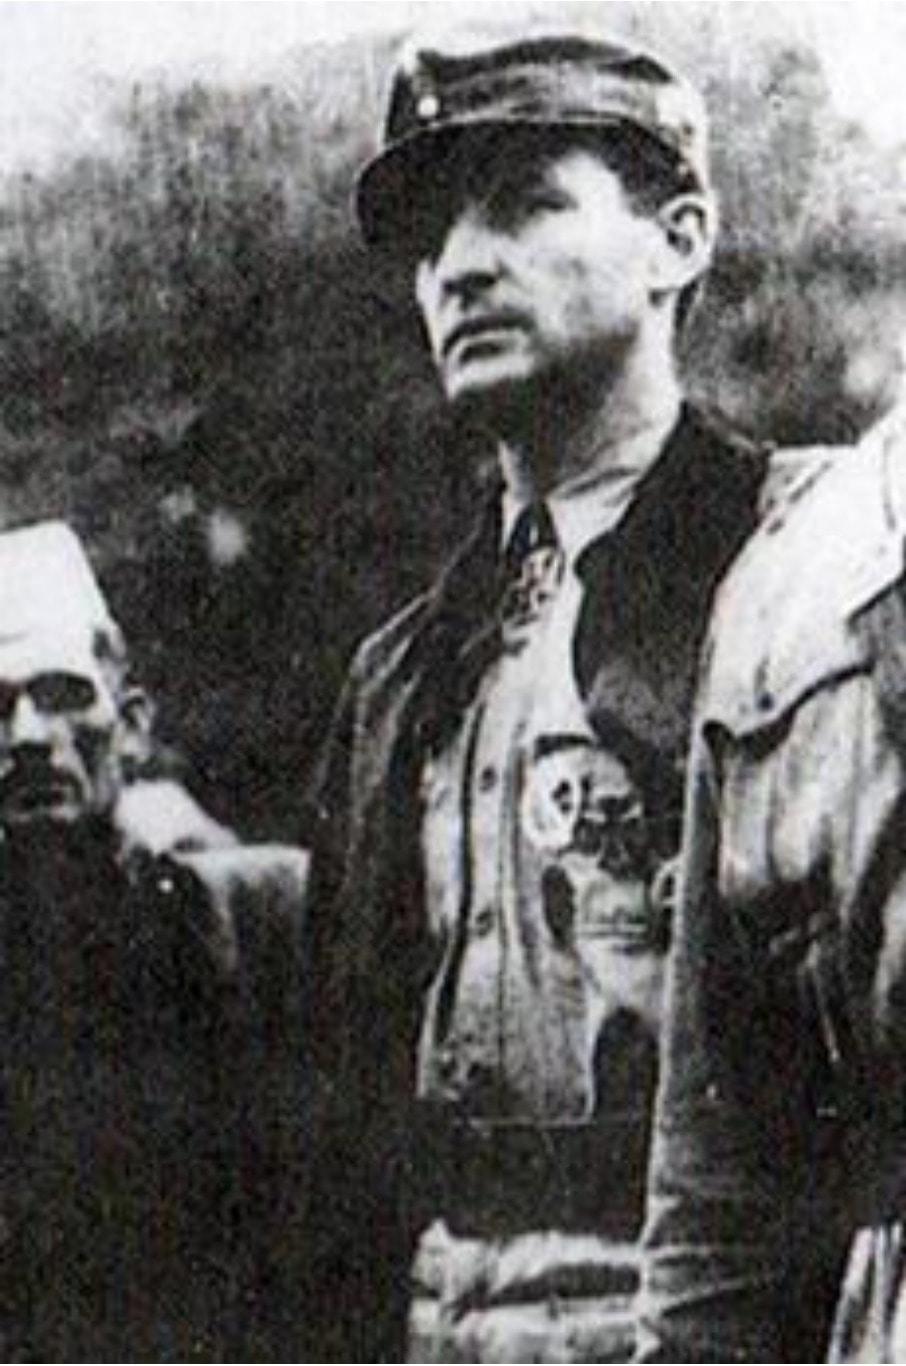 Эрхард Ланге в Югославии (после операции Шамиль). Предоставил Питер Ван Хуис.